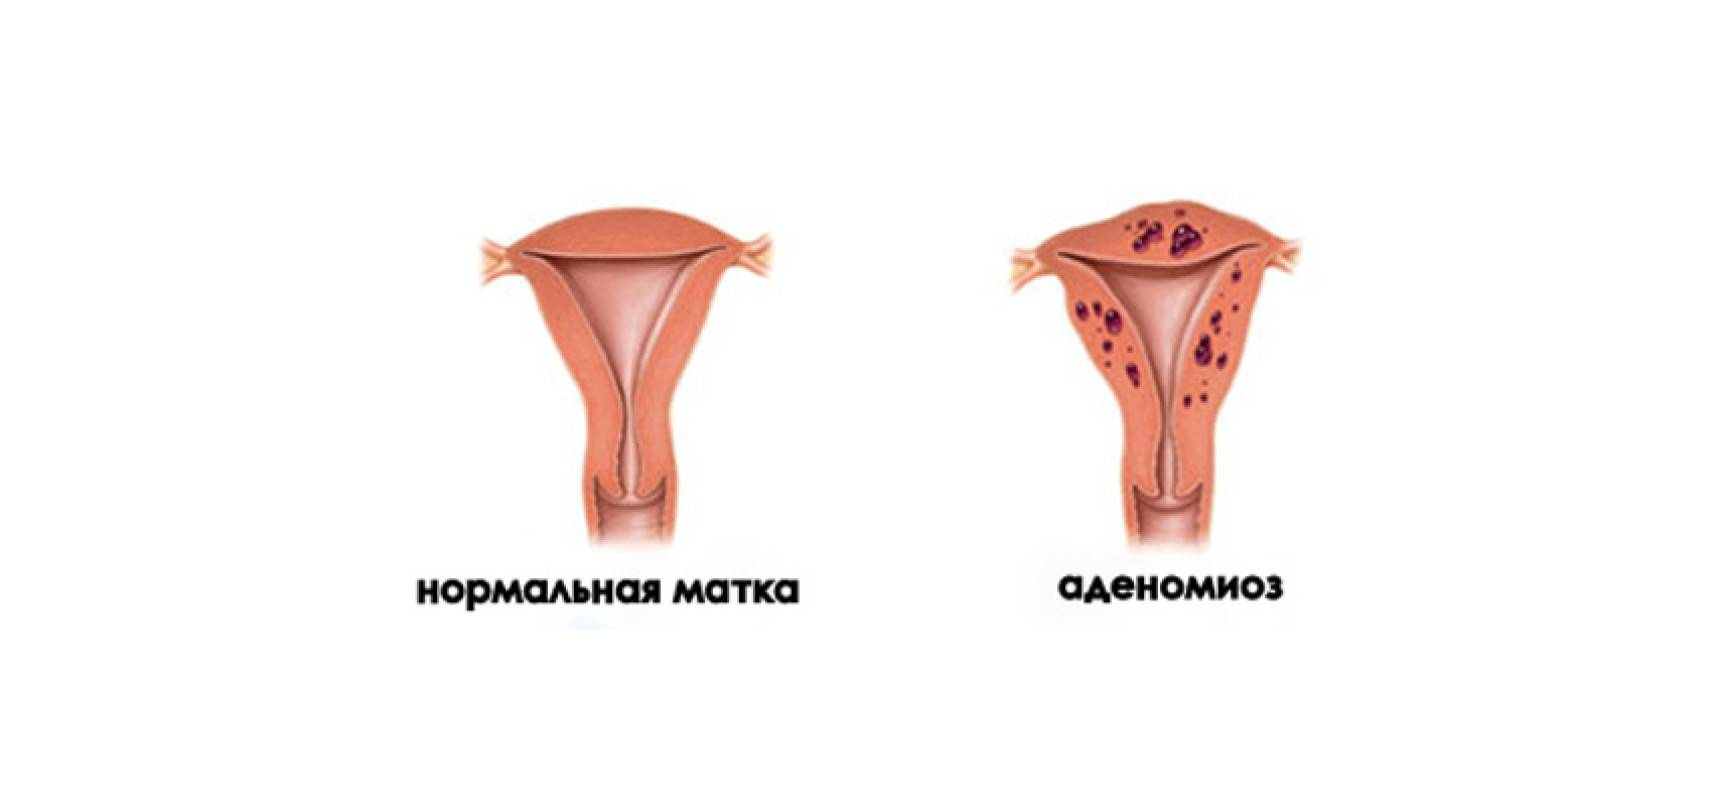 Эндометриоз – опасное гормональное нарушение